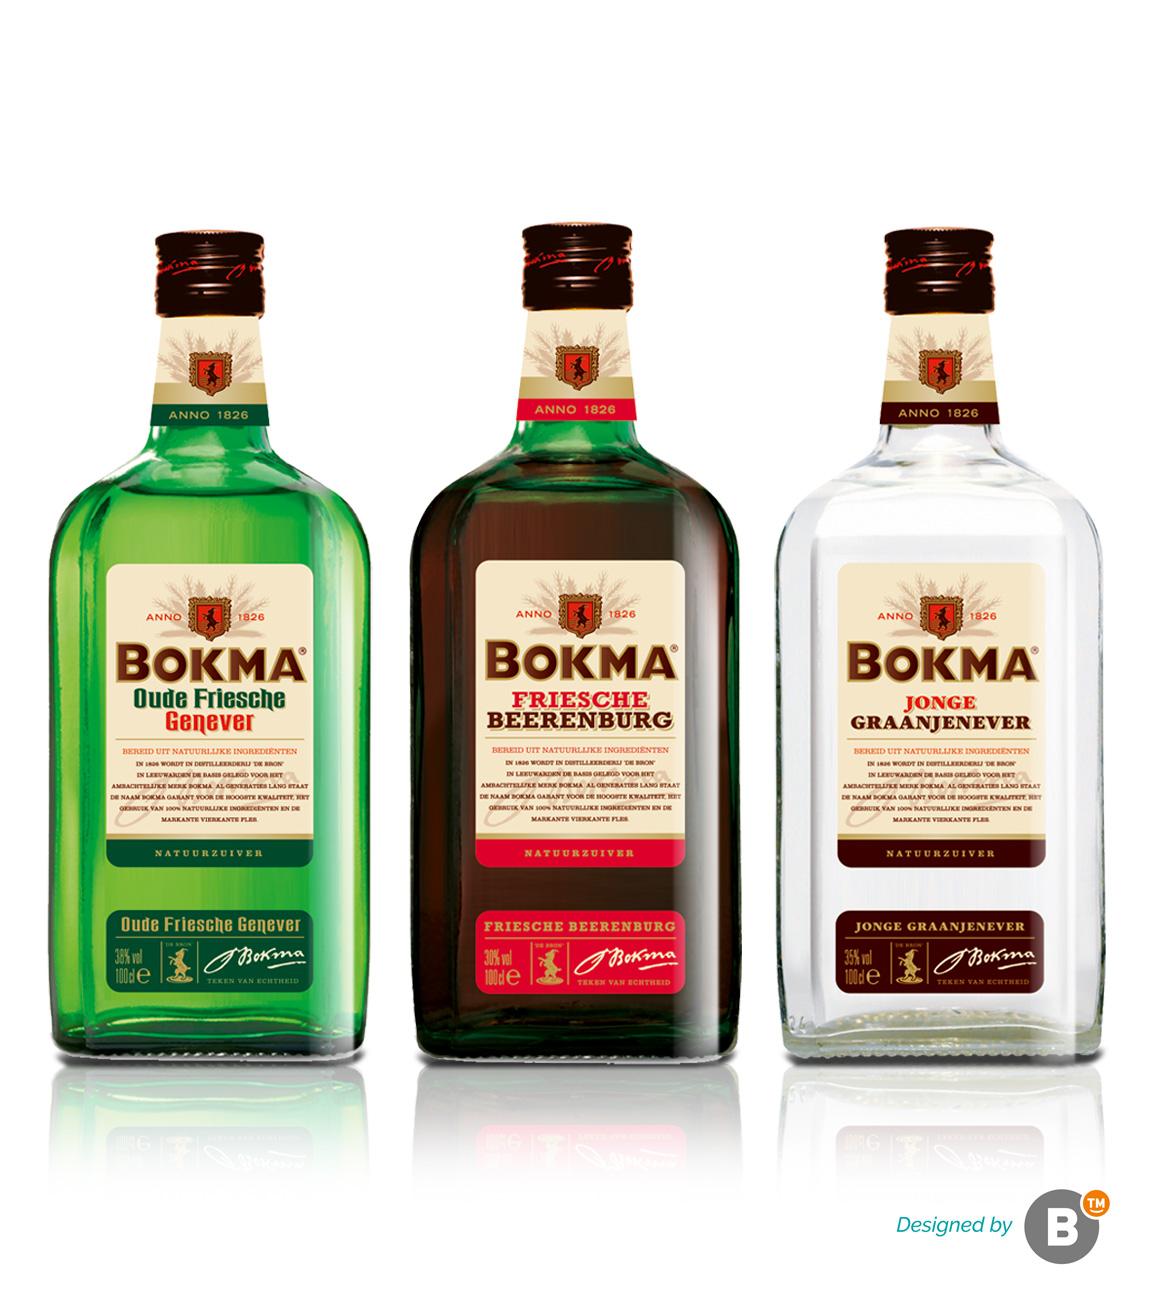 Packaging design Bokma merk